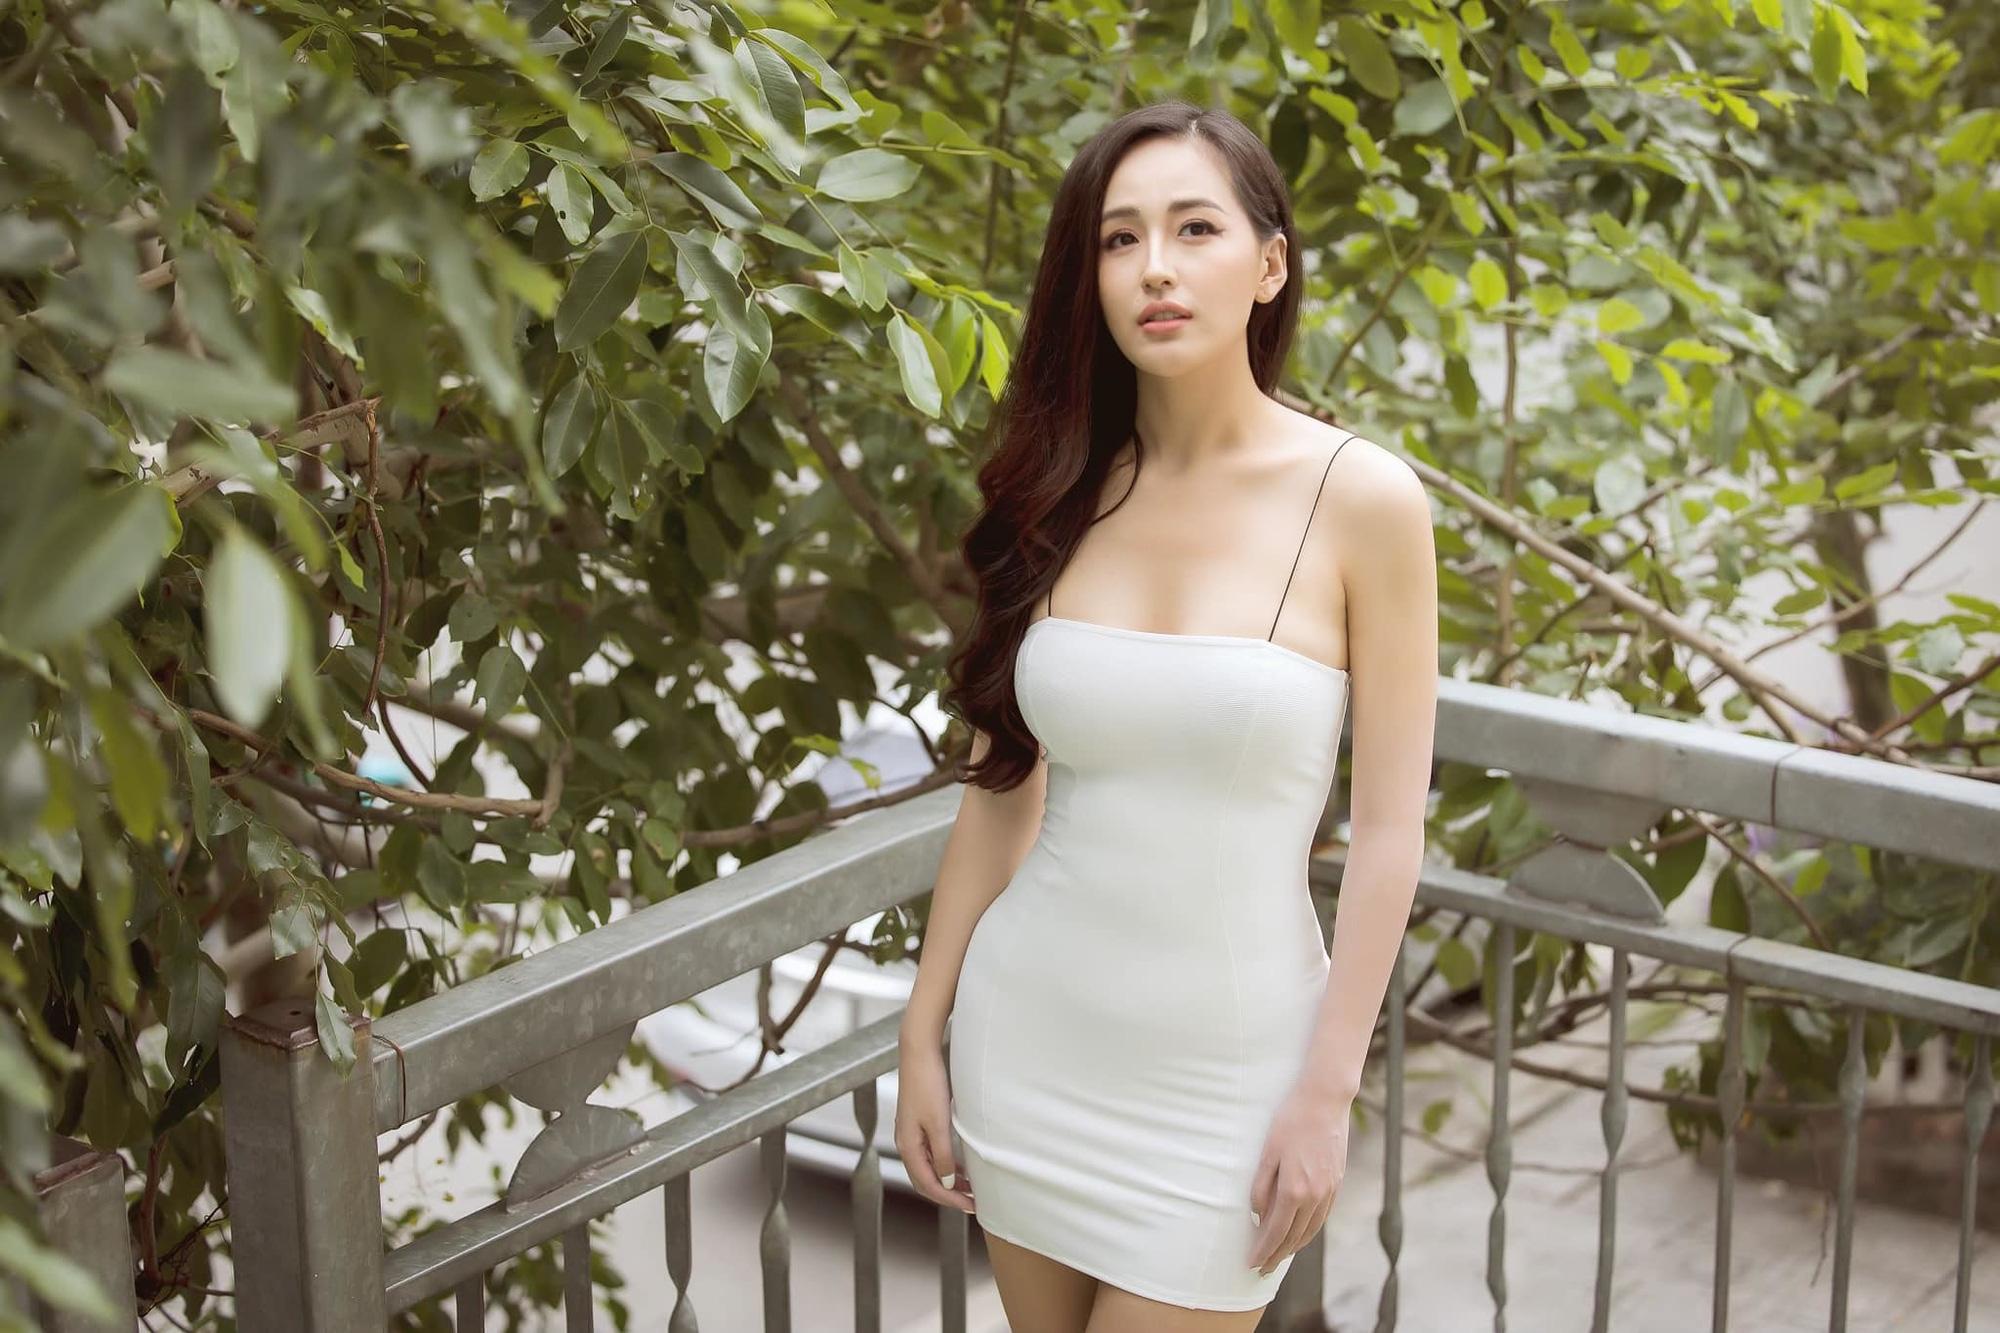 """Sau ảnh hiếm hoi mặc bikini khoét sâu, Mai Phương Thúy quyến rũ """"đốt mắt"""" với váy dây siêu mảnh - Ảnh 3."""